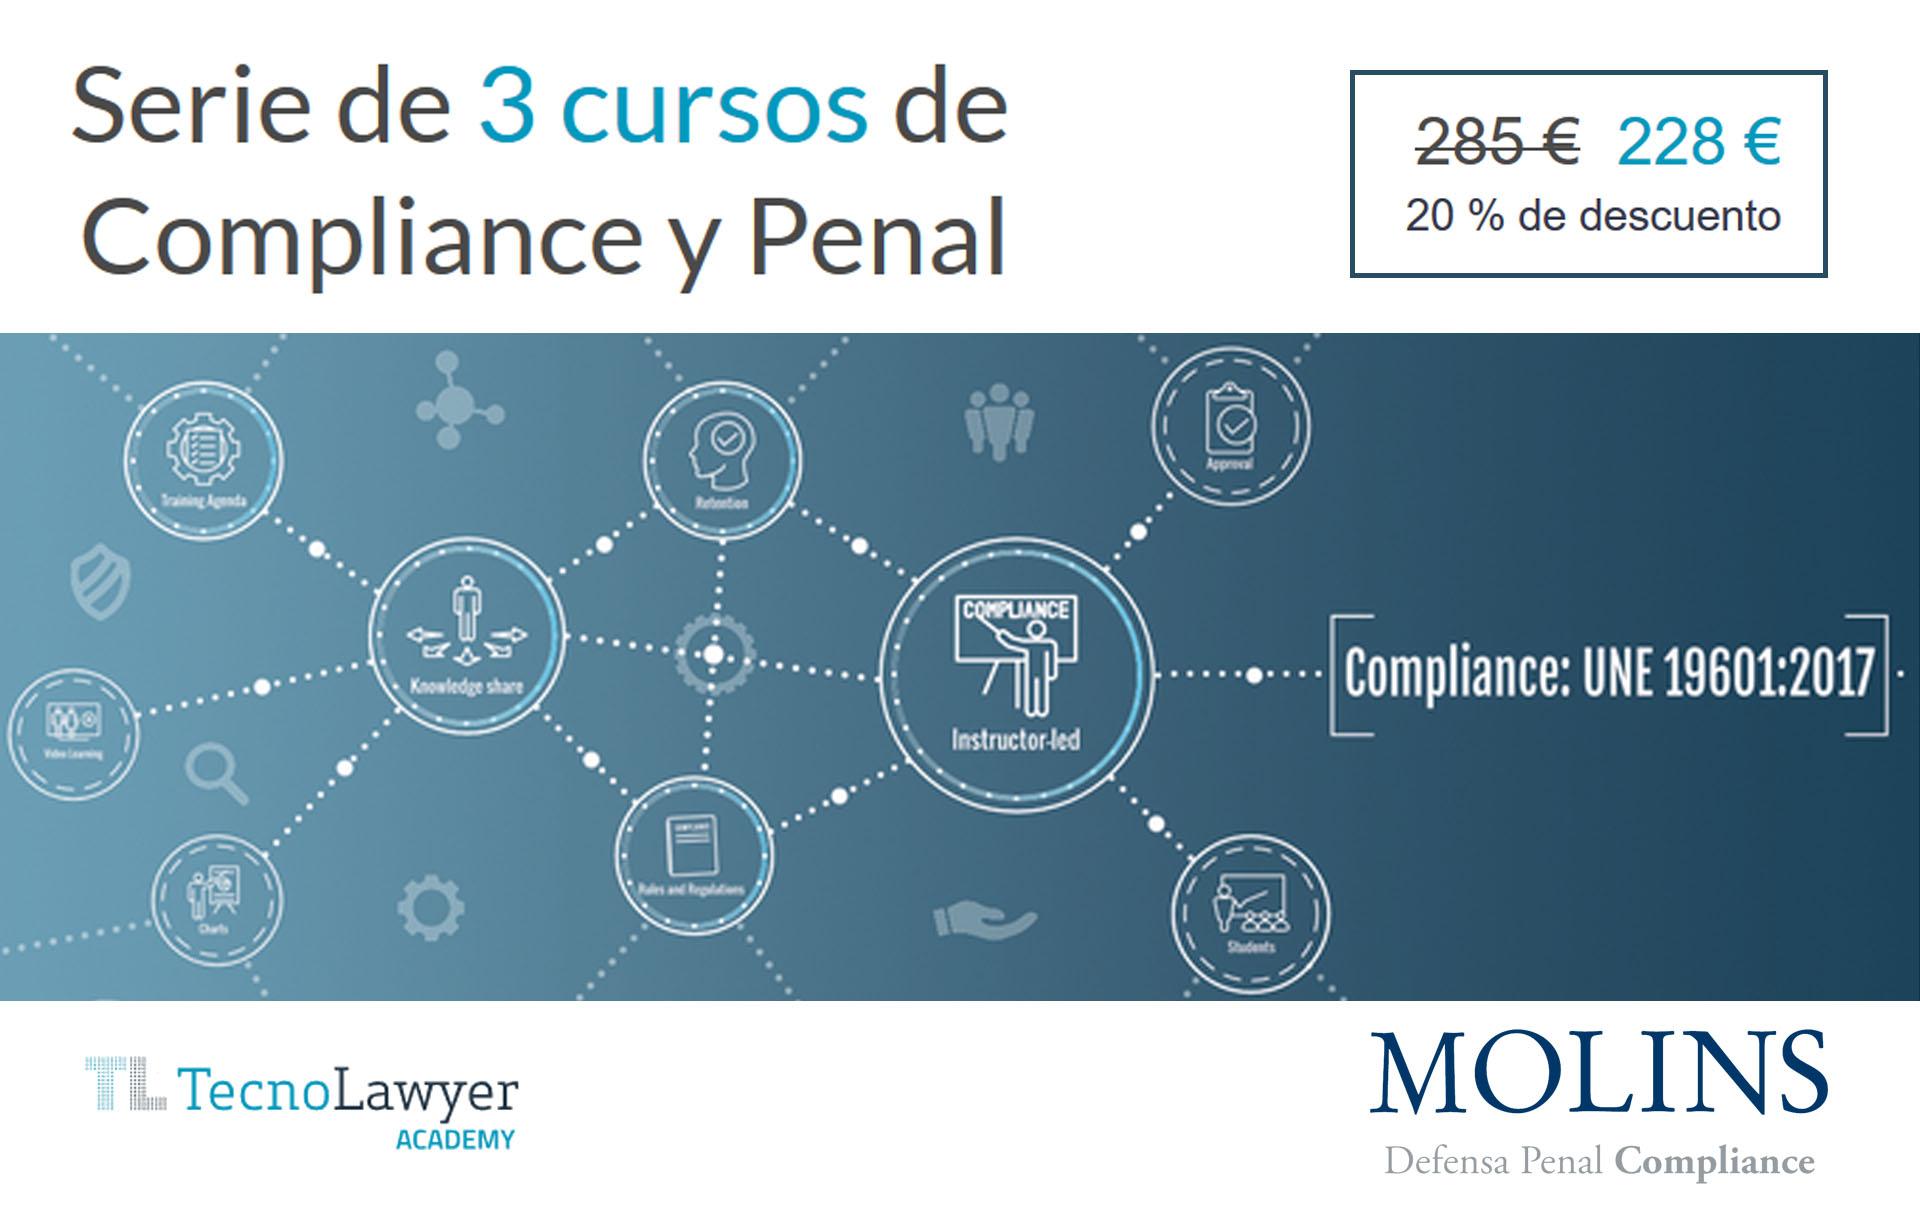 Pack de 3 cursos de Compliance